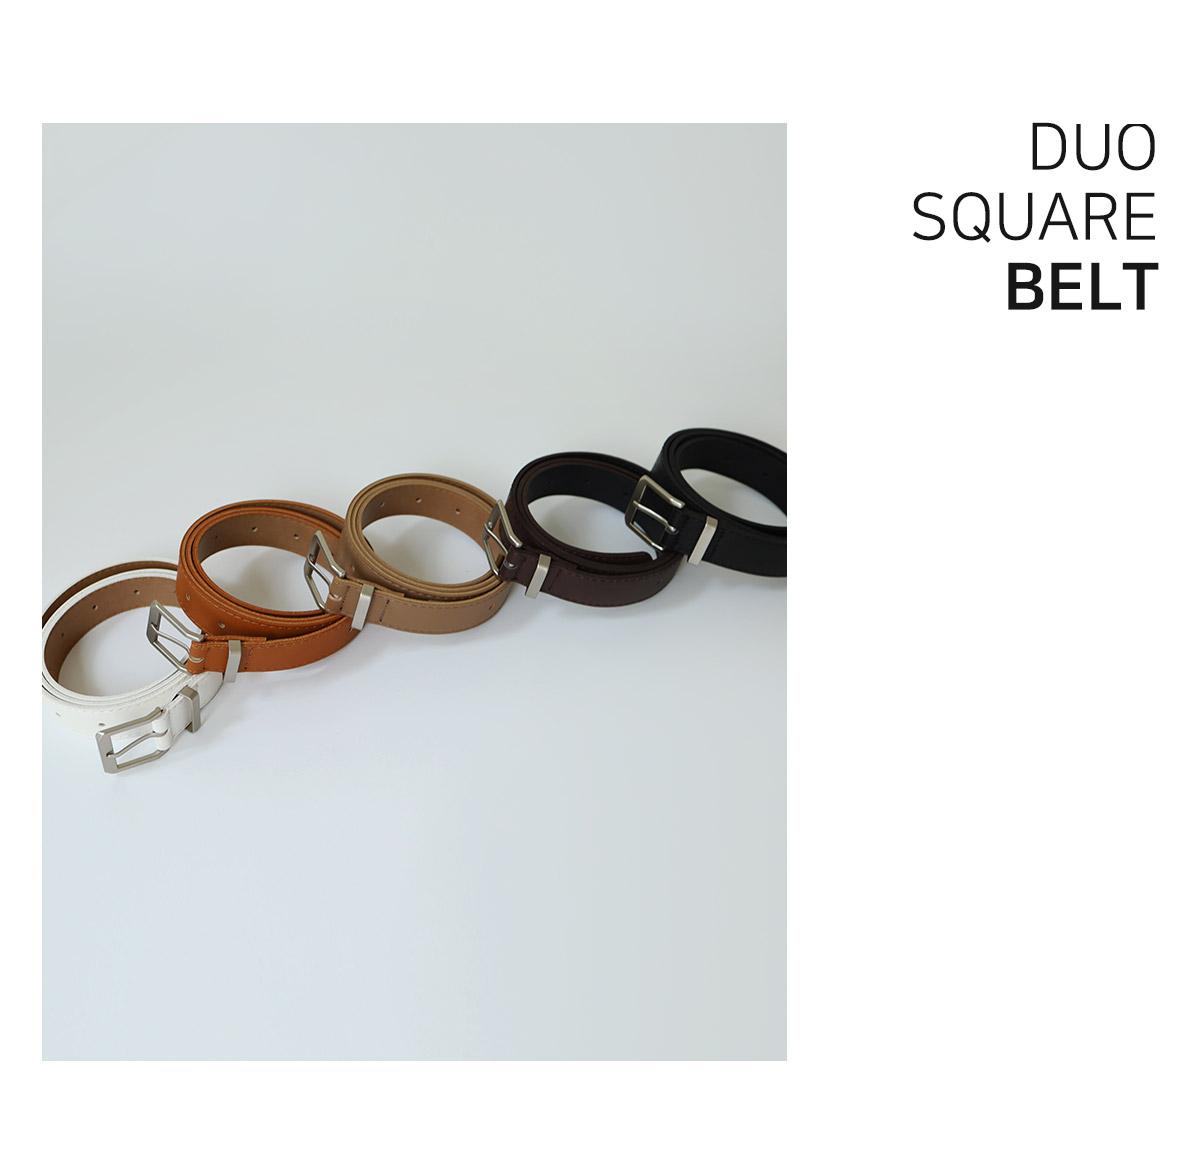 Duo square belt